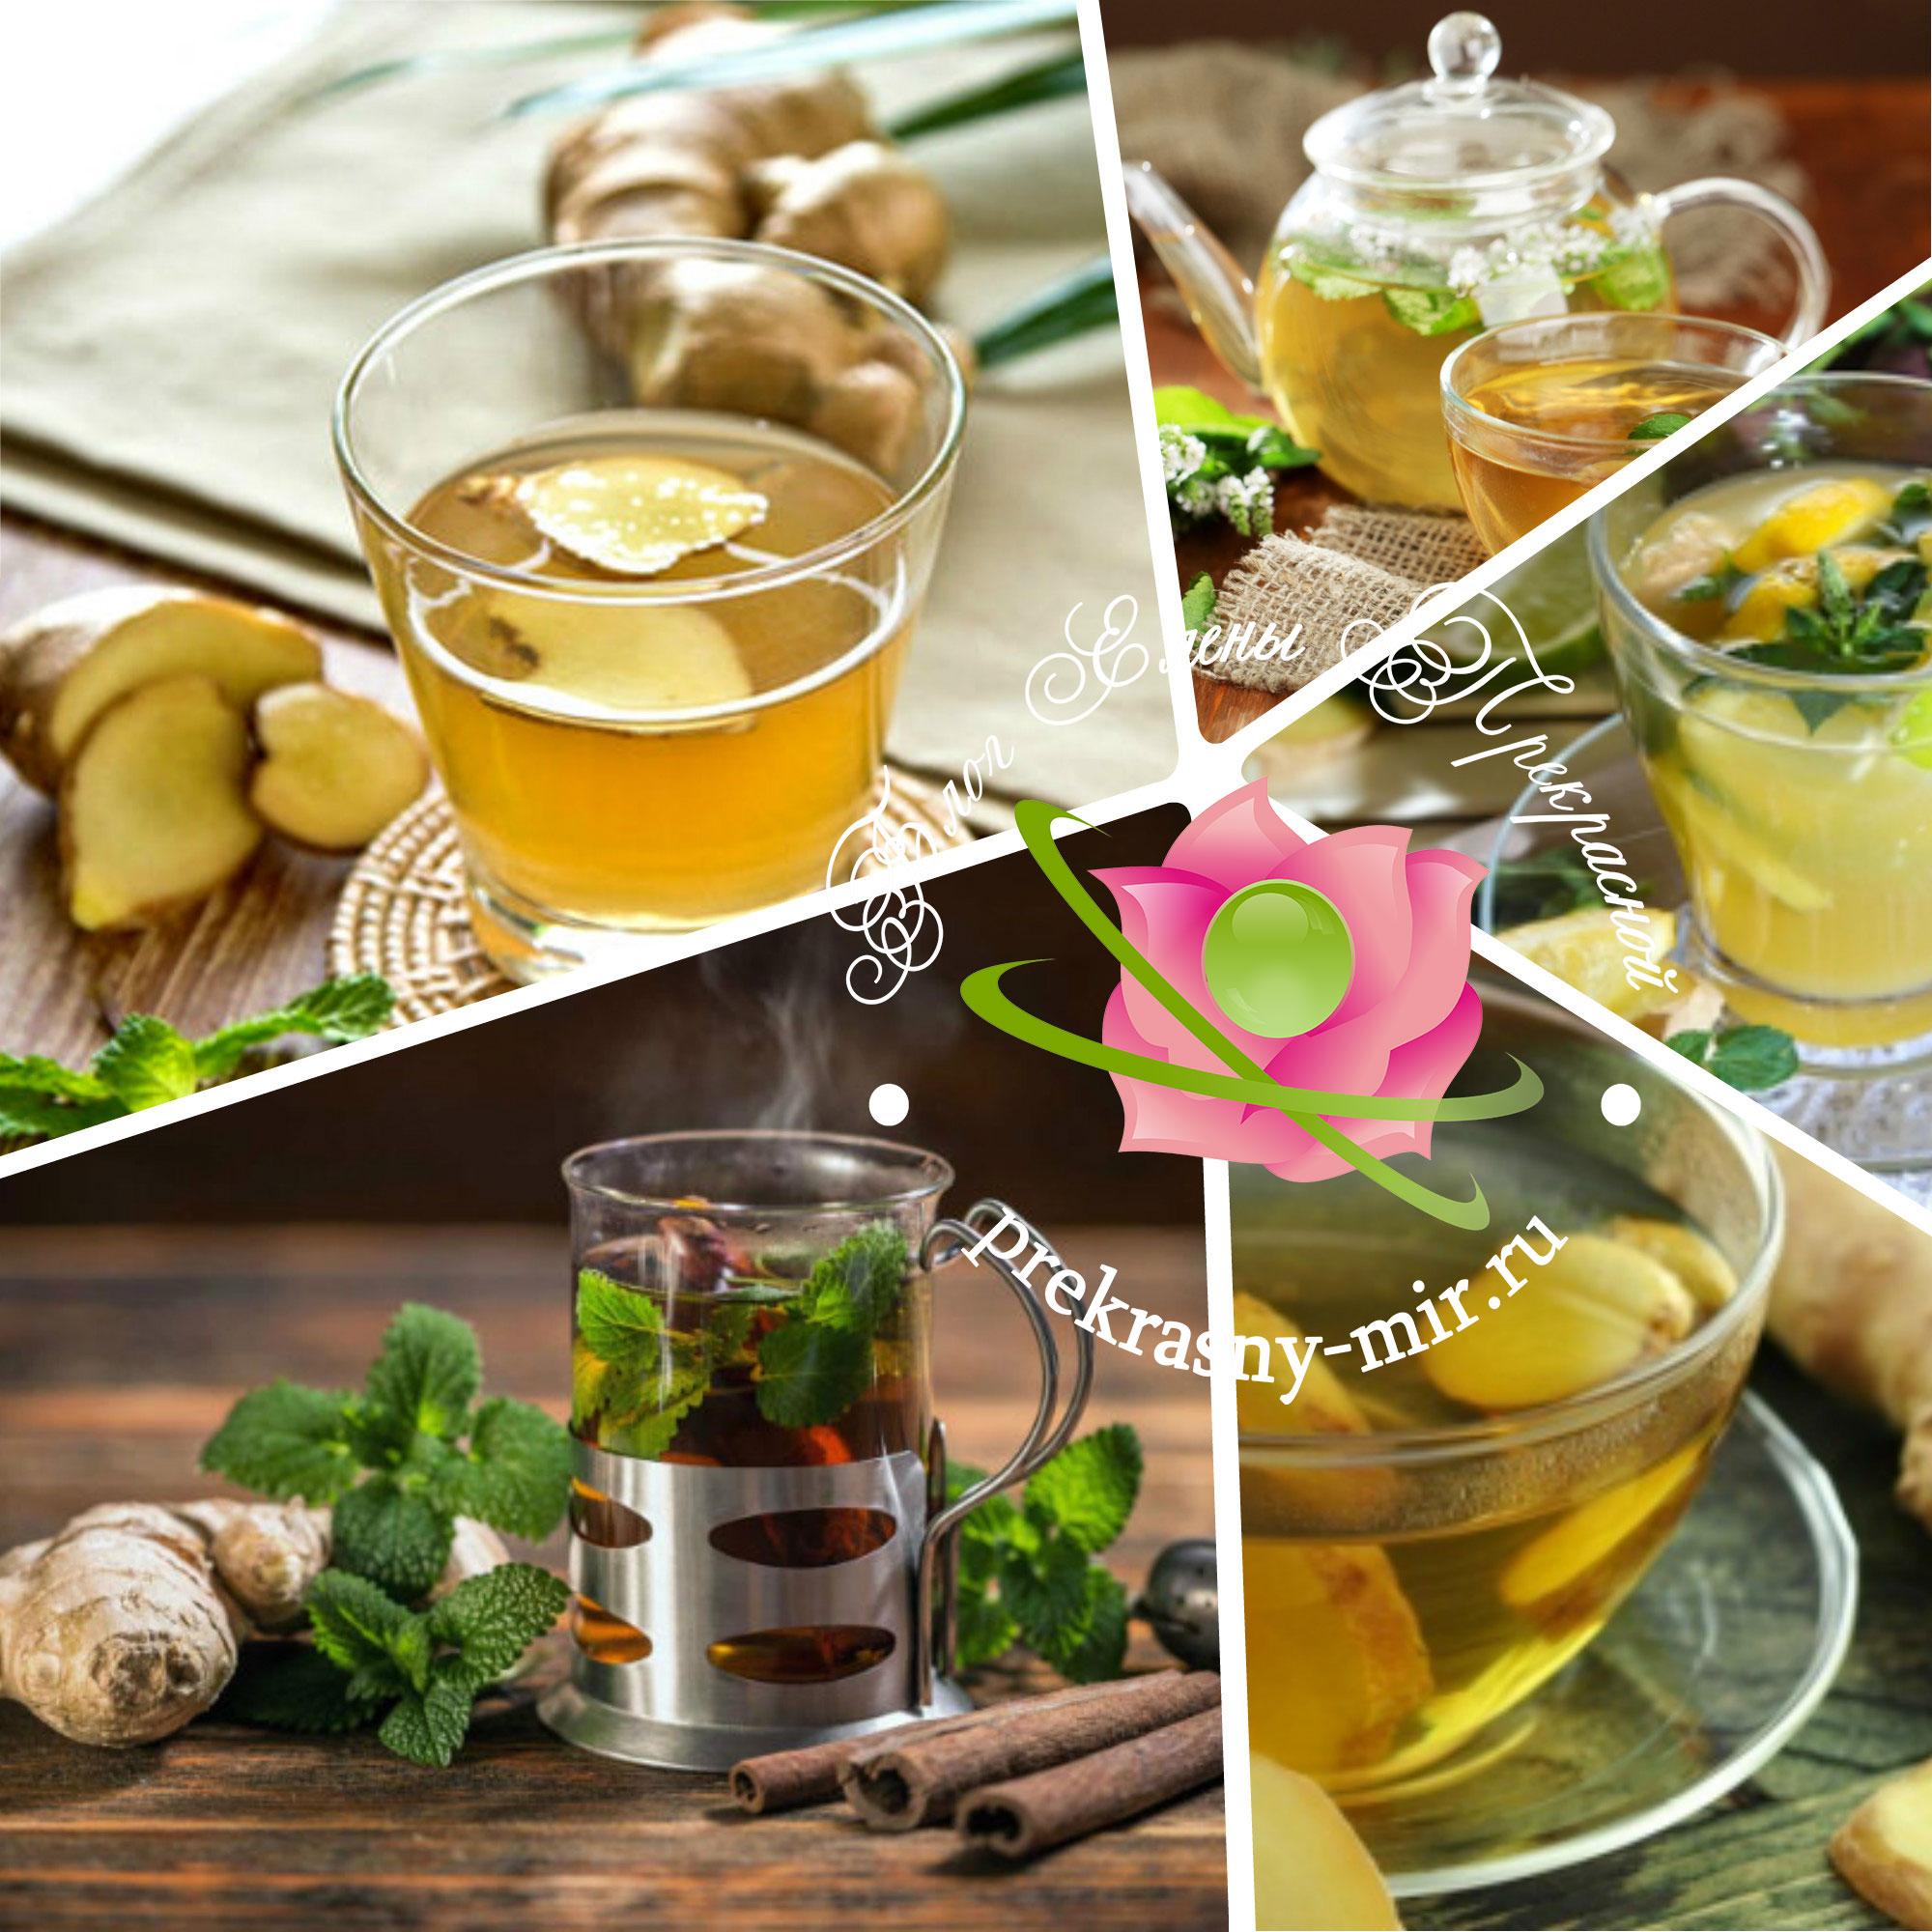 Žalioji arbata ir mūsų spaudimas